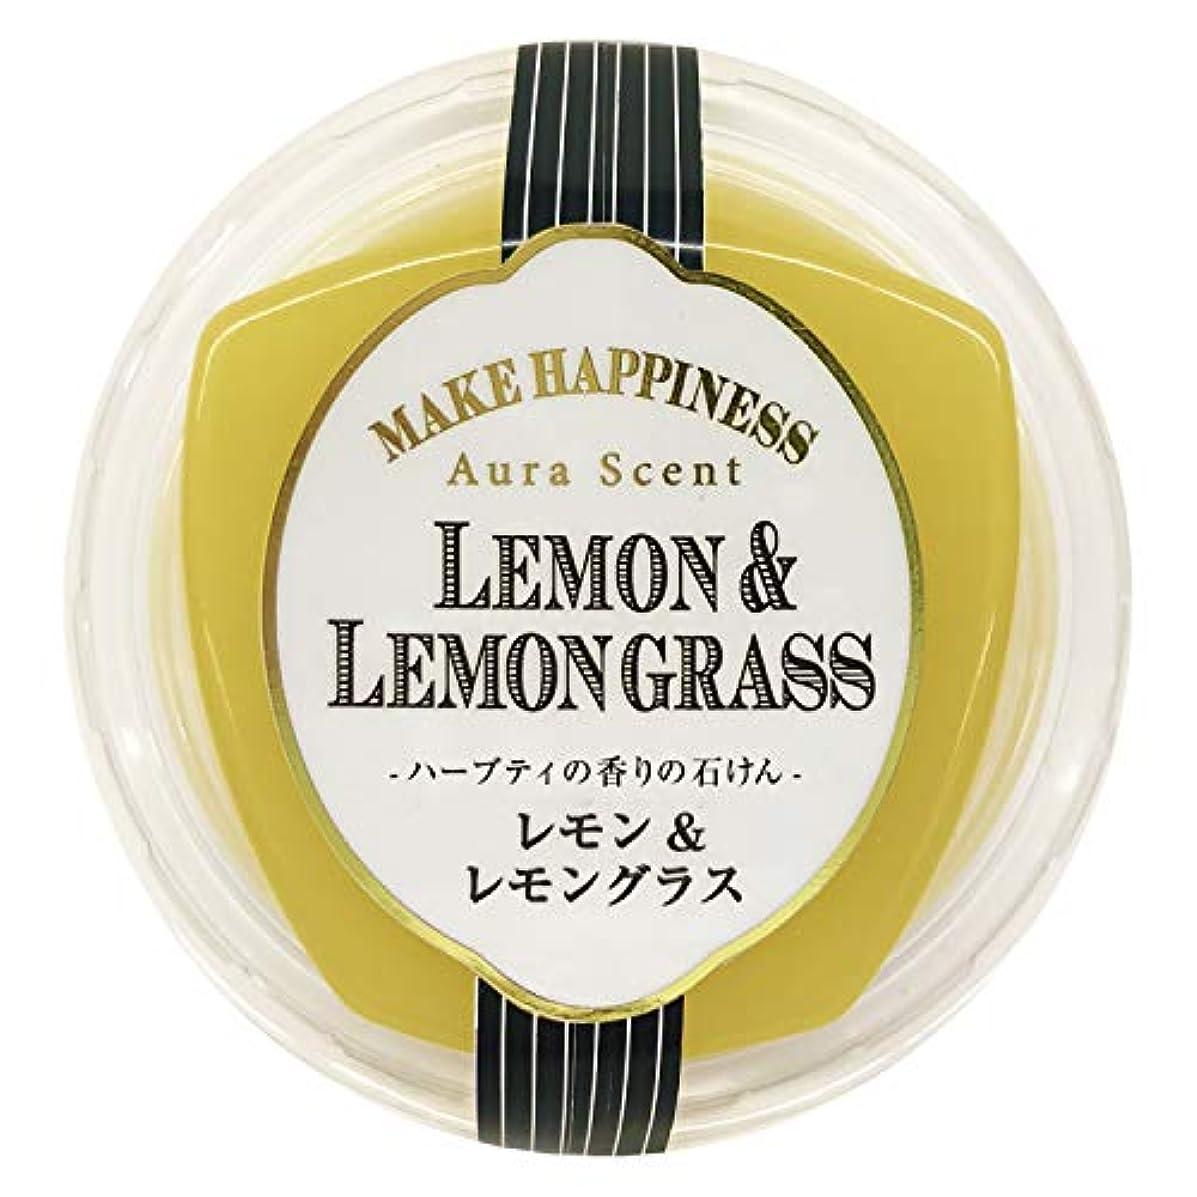 先例主張シュリンクペリカン石鹸 オーラセント クリアソープ レモン&レモングラス 75g